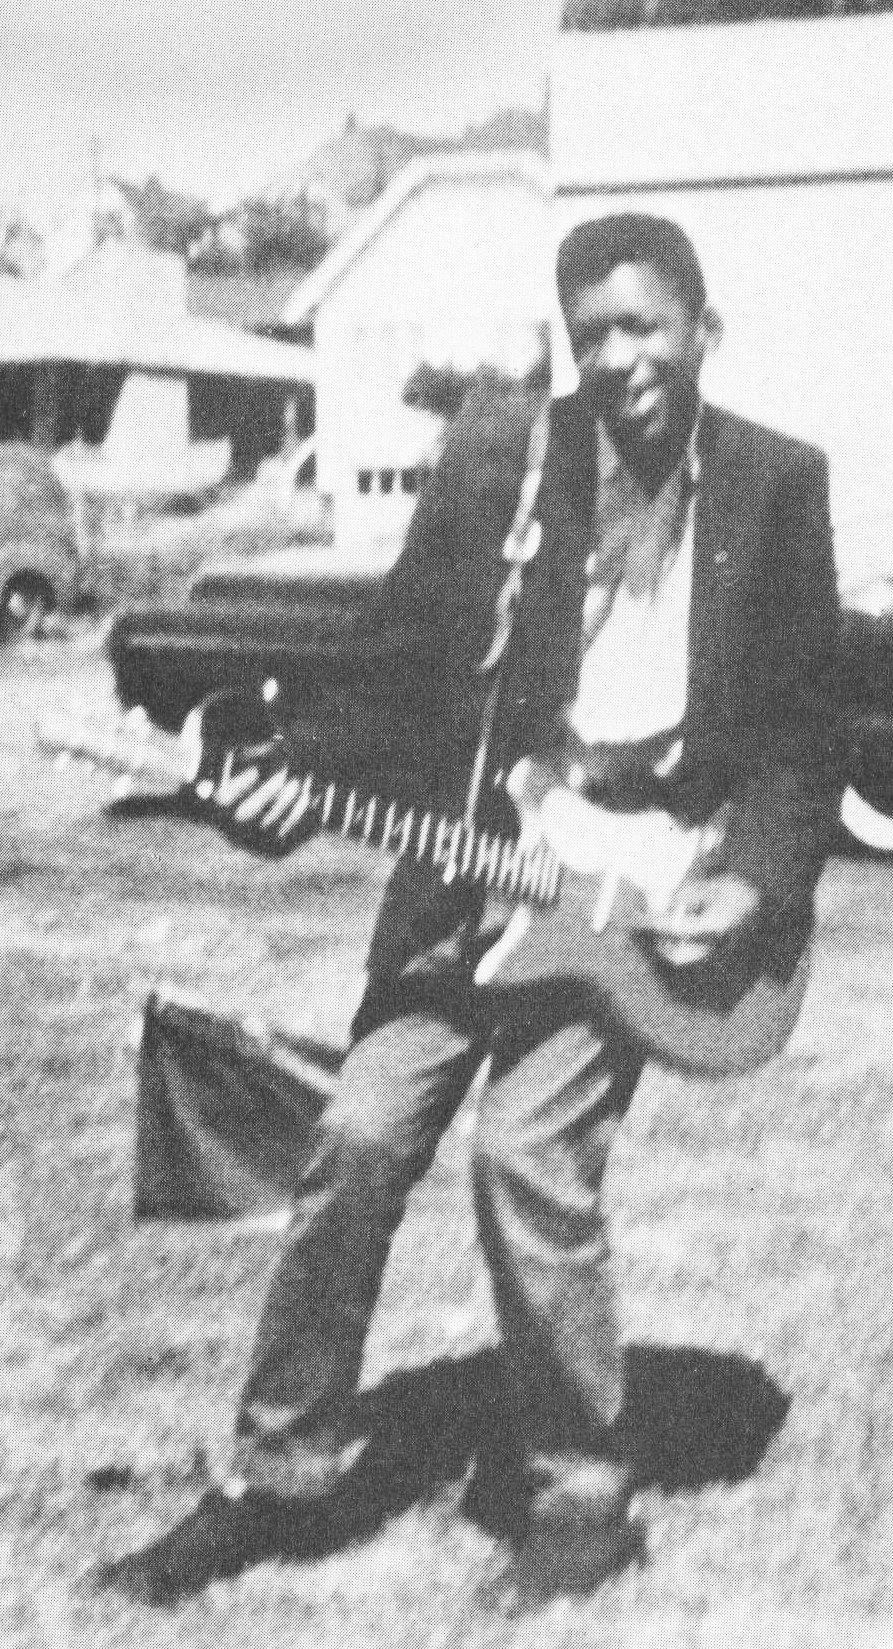 vintage everyday Jimi hendrix, Hendrix, Music artists